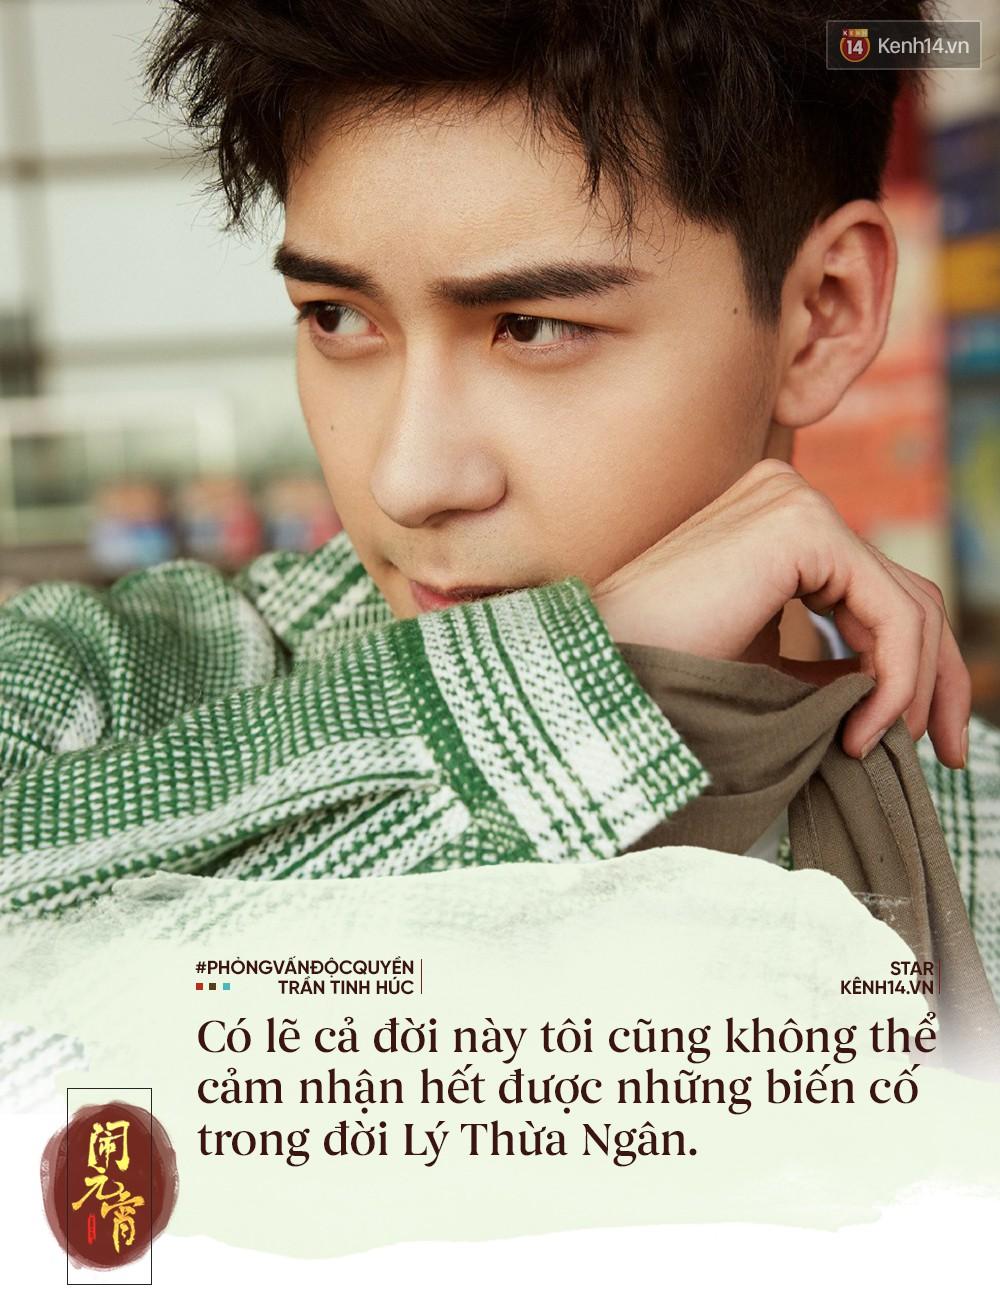 Phỏng vấn độc quyền nam chính Đông Cung: Hé lộ cảm xúc khi cặp với mỹ nhân hơn 6 tuổi, gửi lời đặc biệt tới fan Việt - Ảnh 3.